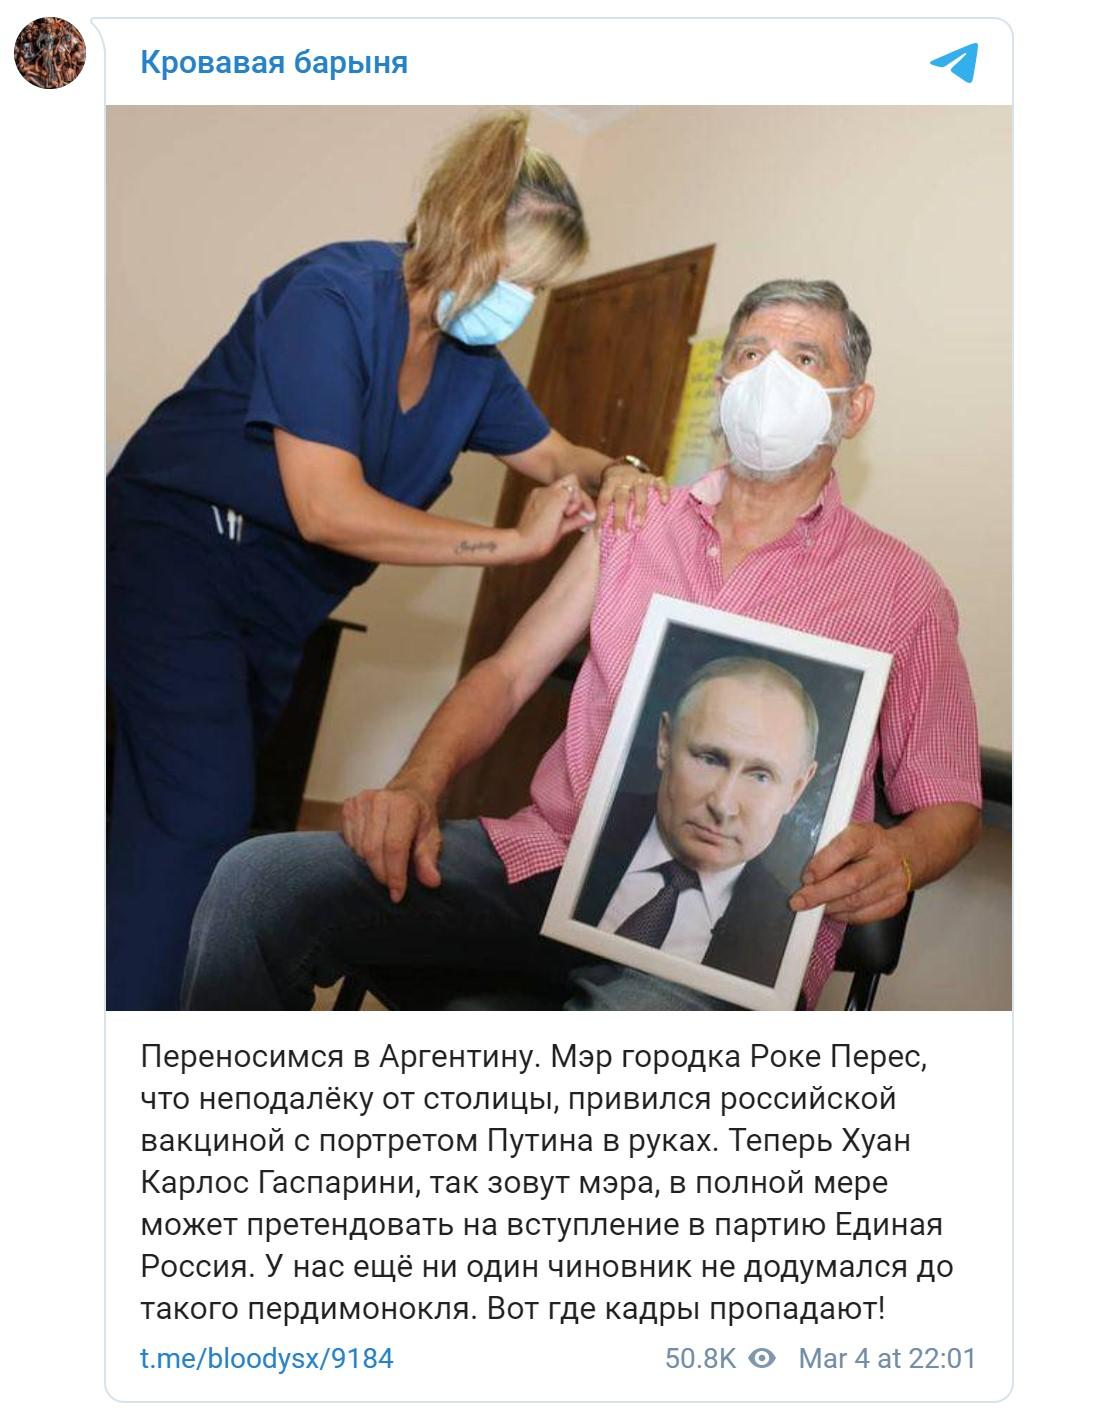 Собчак прокомментировала мэра из Аргентины привившегося от COVID-19 c портретом Путина в руках